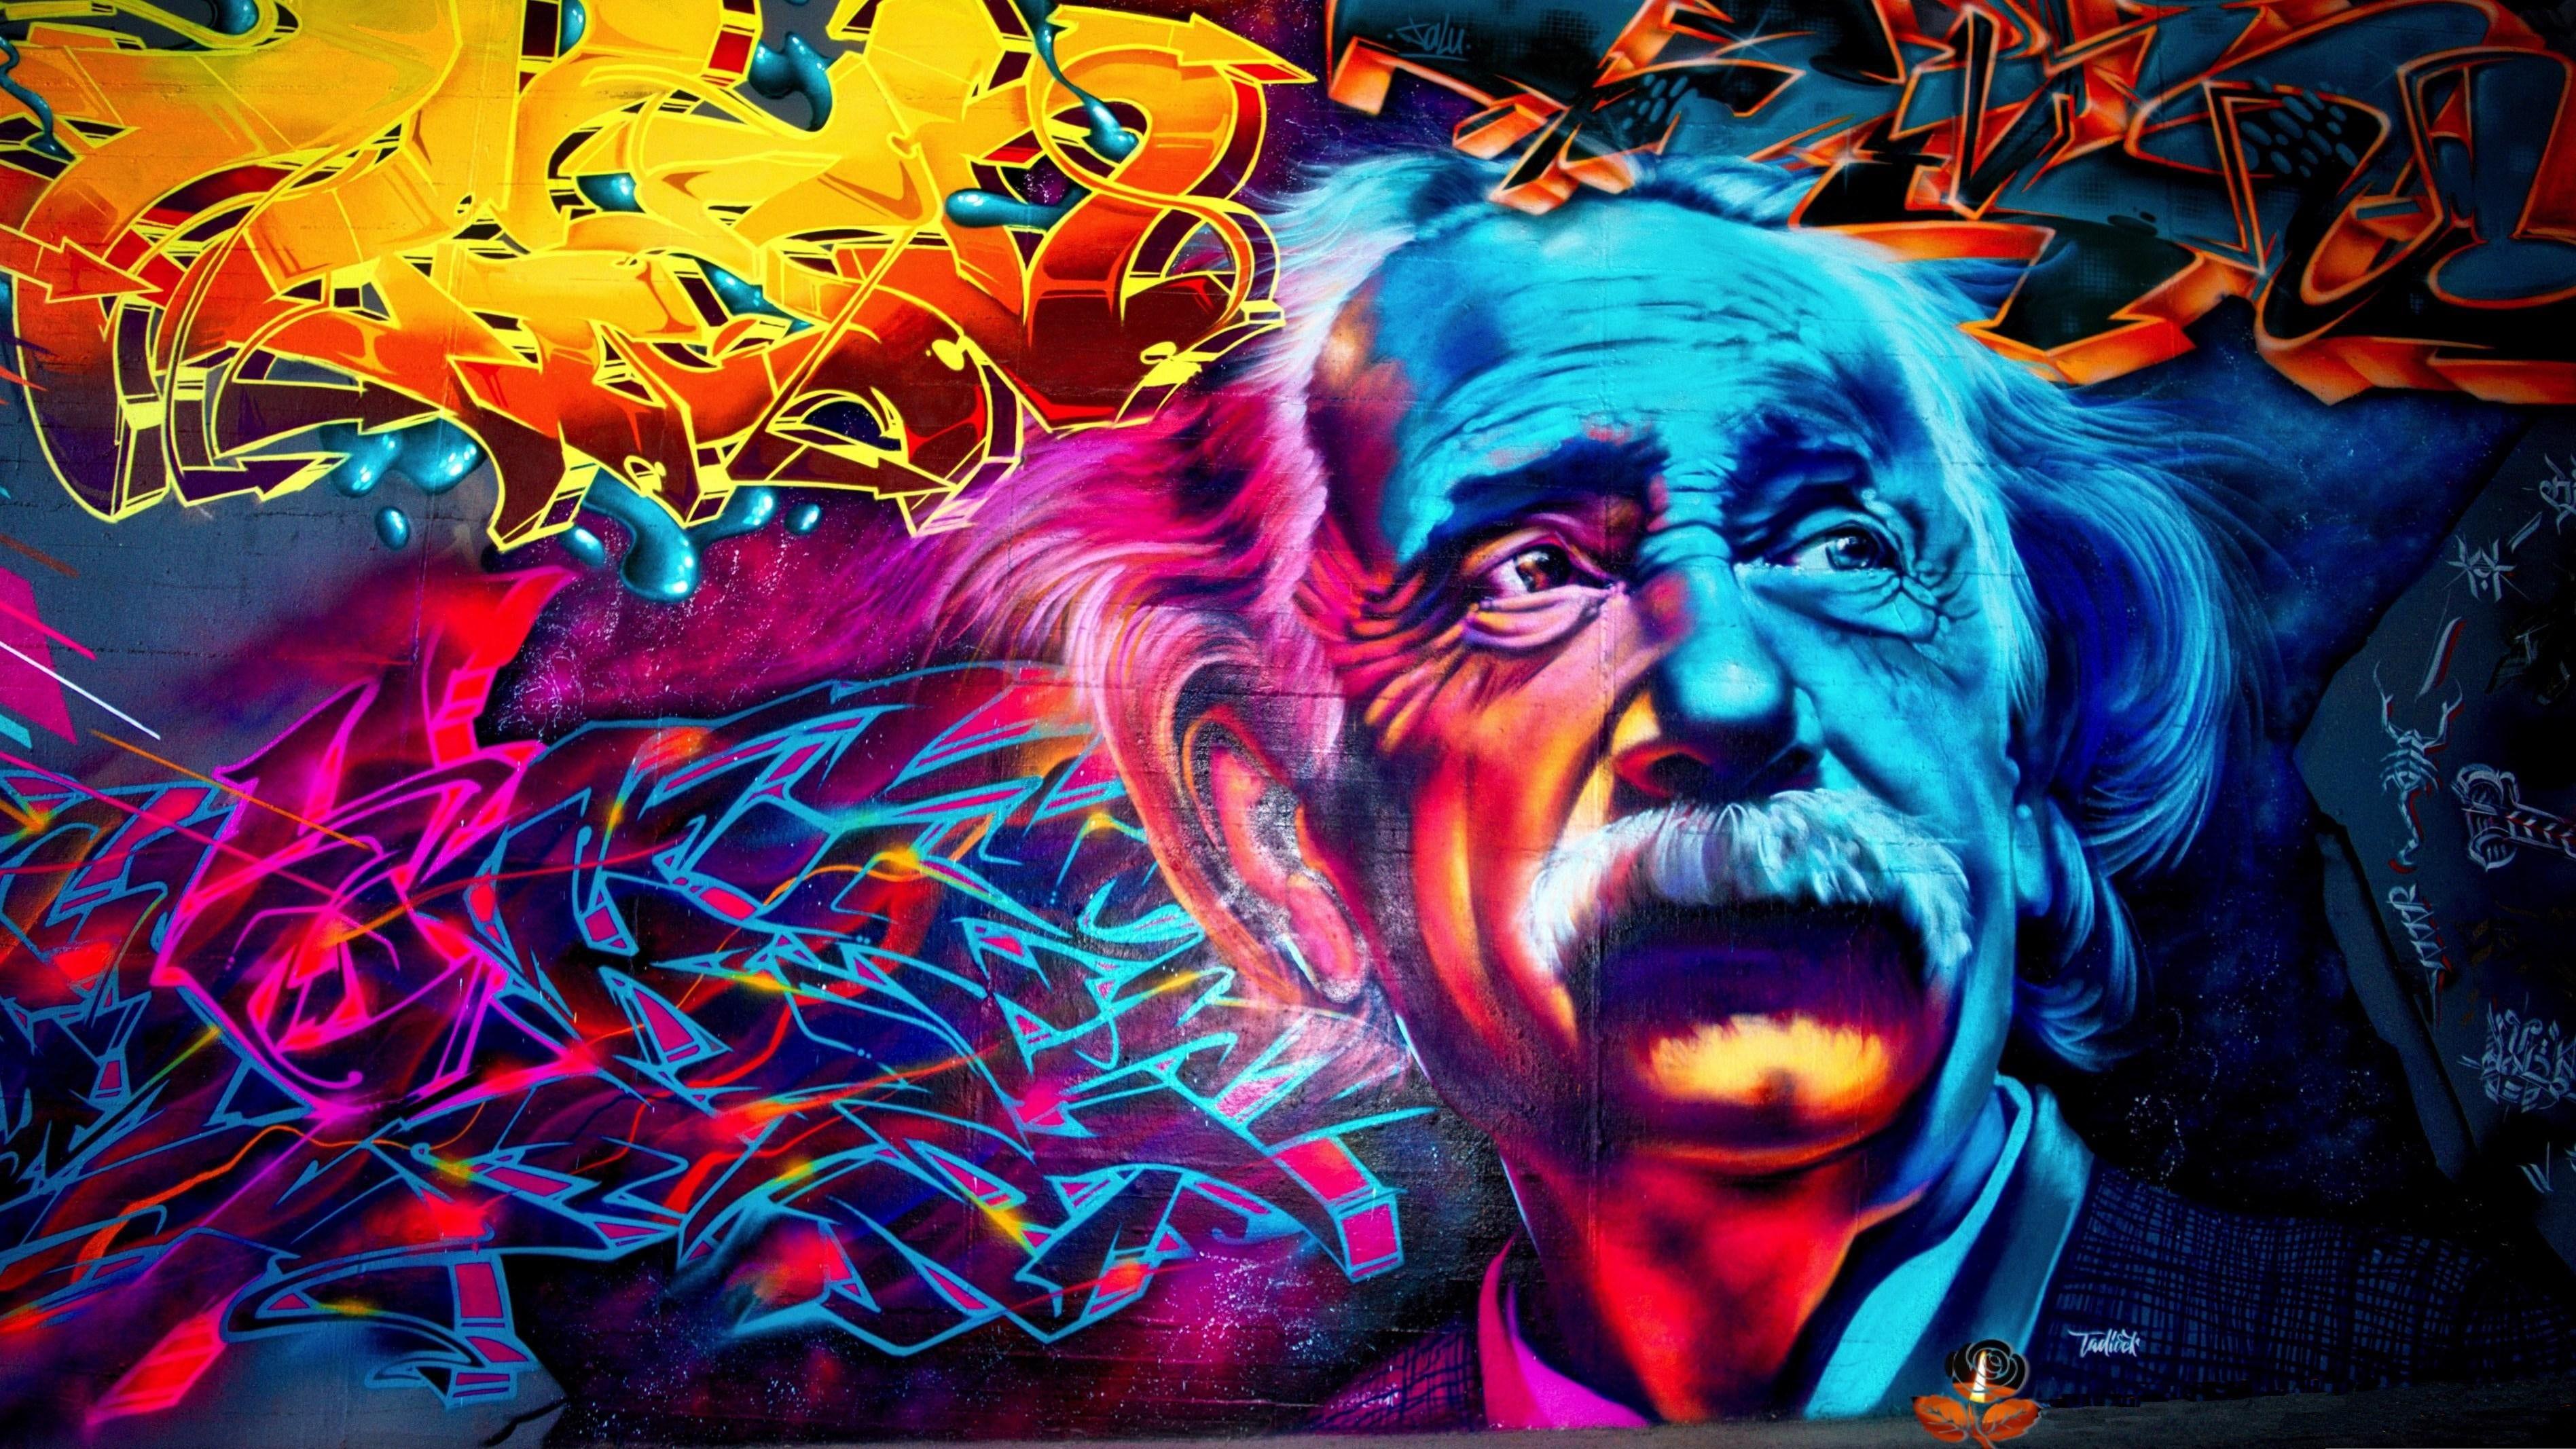 Einstein Graffiti Wallpapers   Top Einstein Graffiti 3793x2134